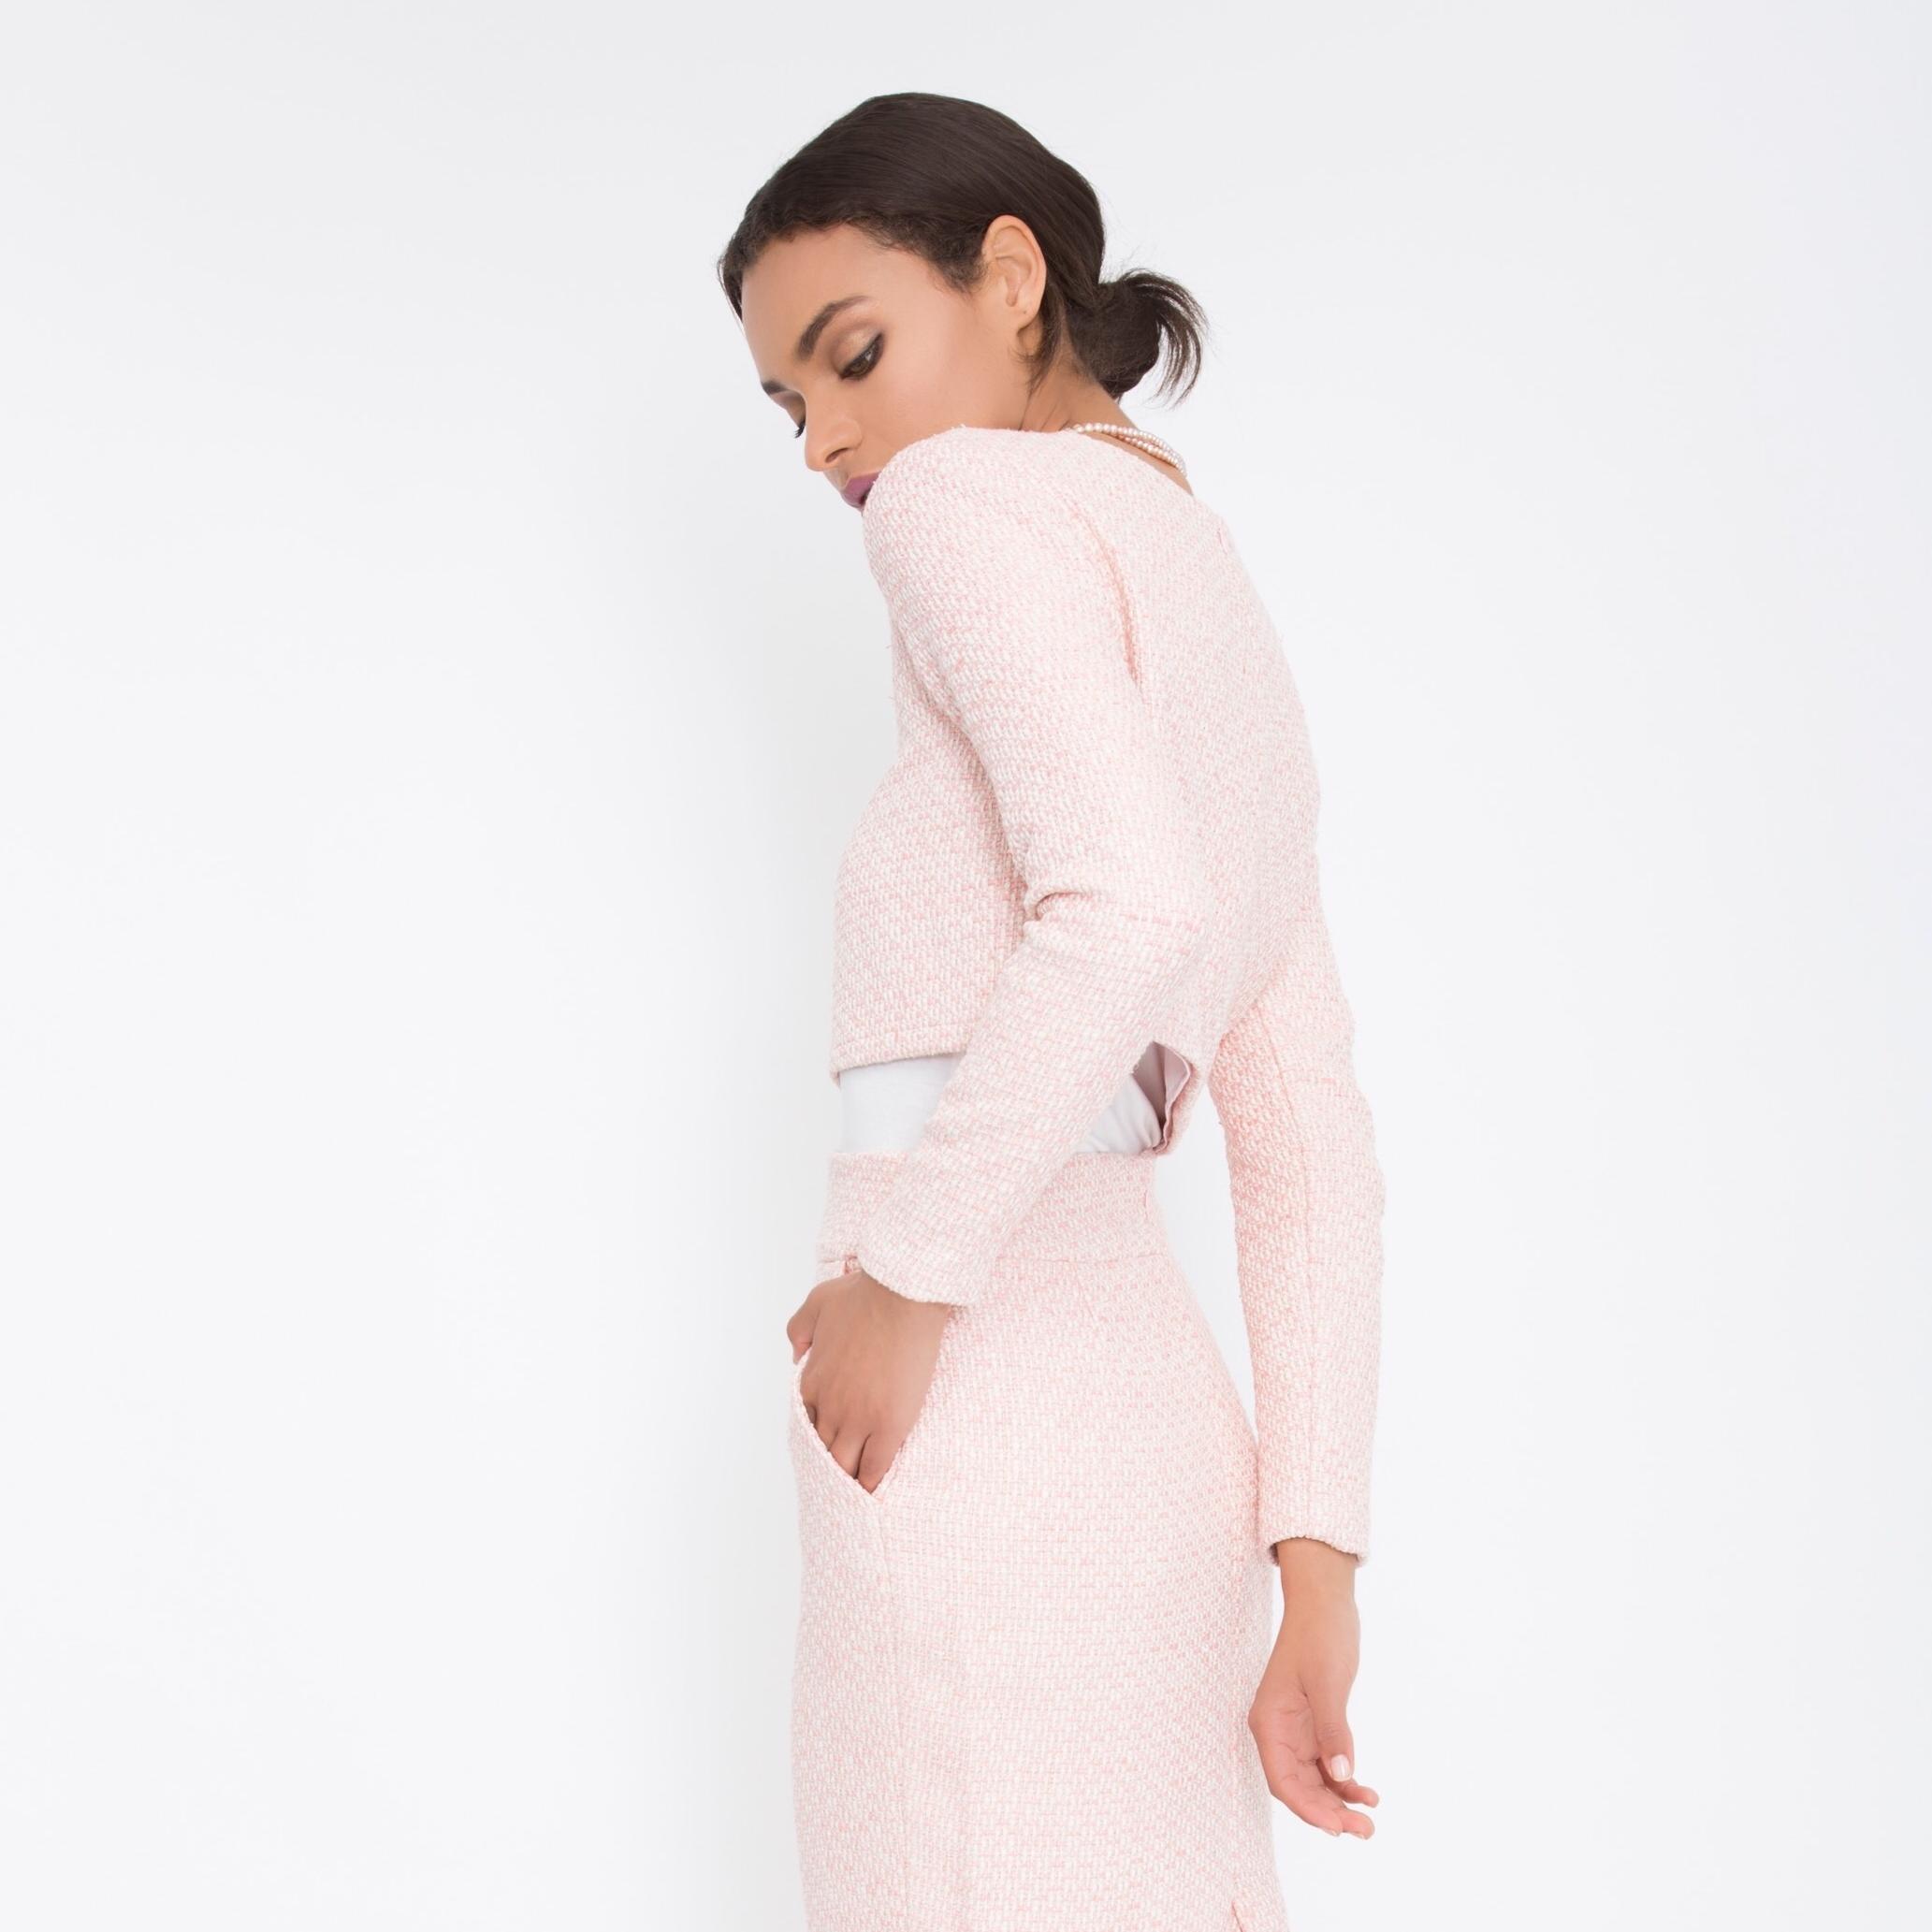 Pink separates that we love to see together. 👙 (Senate Tweed Crop Top + Senate Tweed Pencil Skirt)